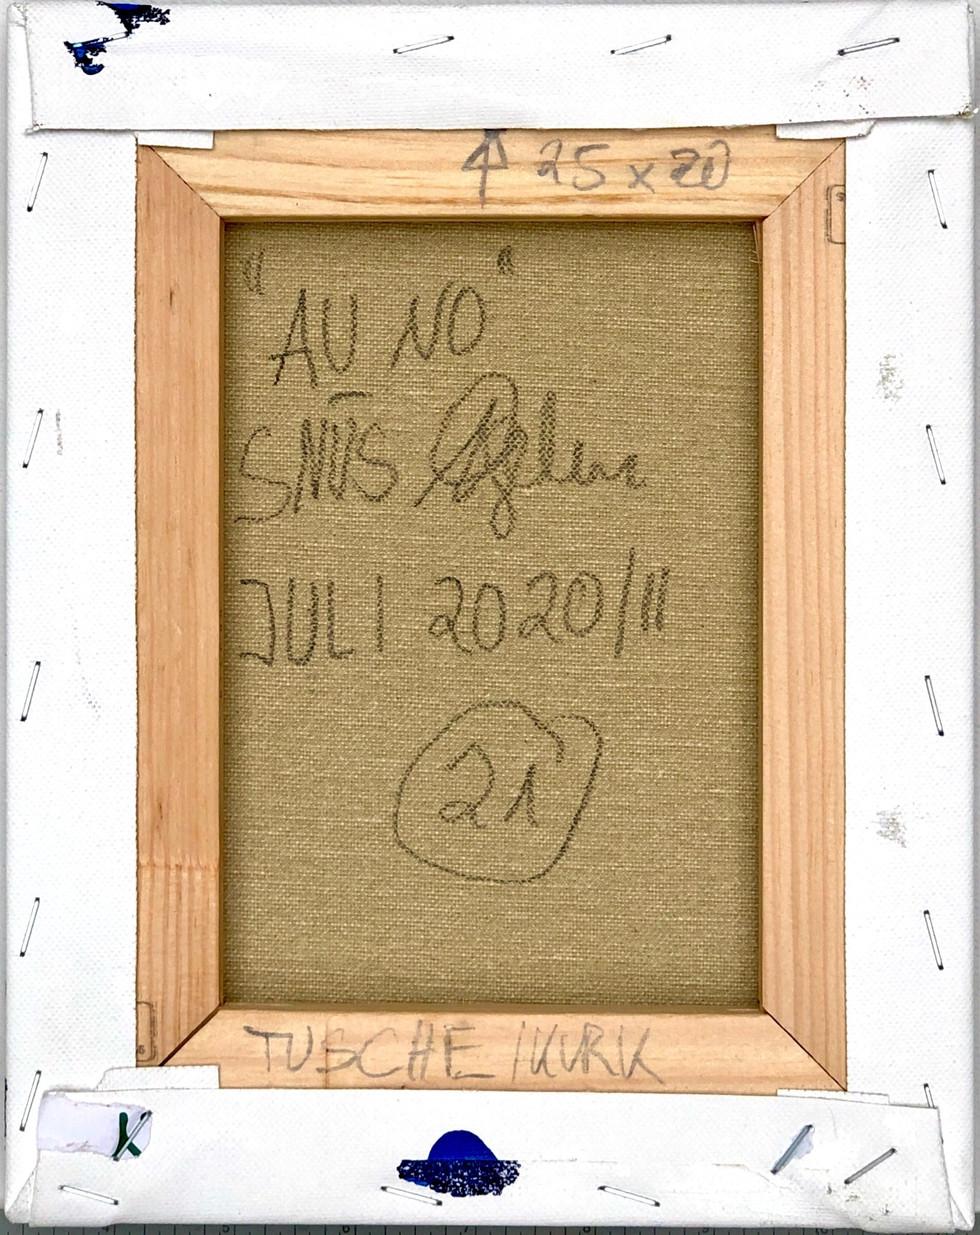 21. AU-NO